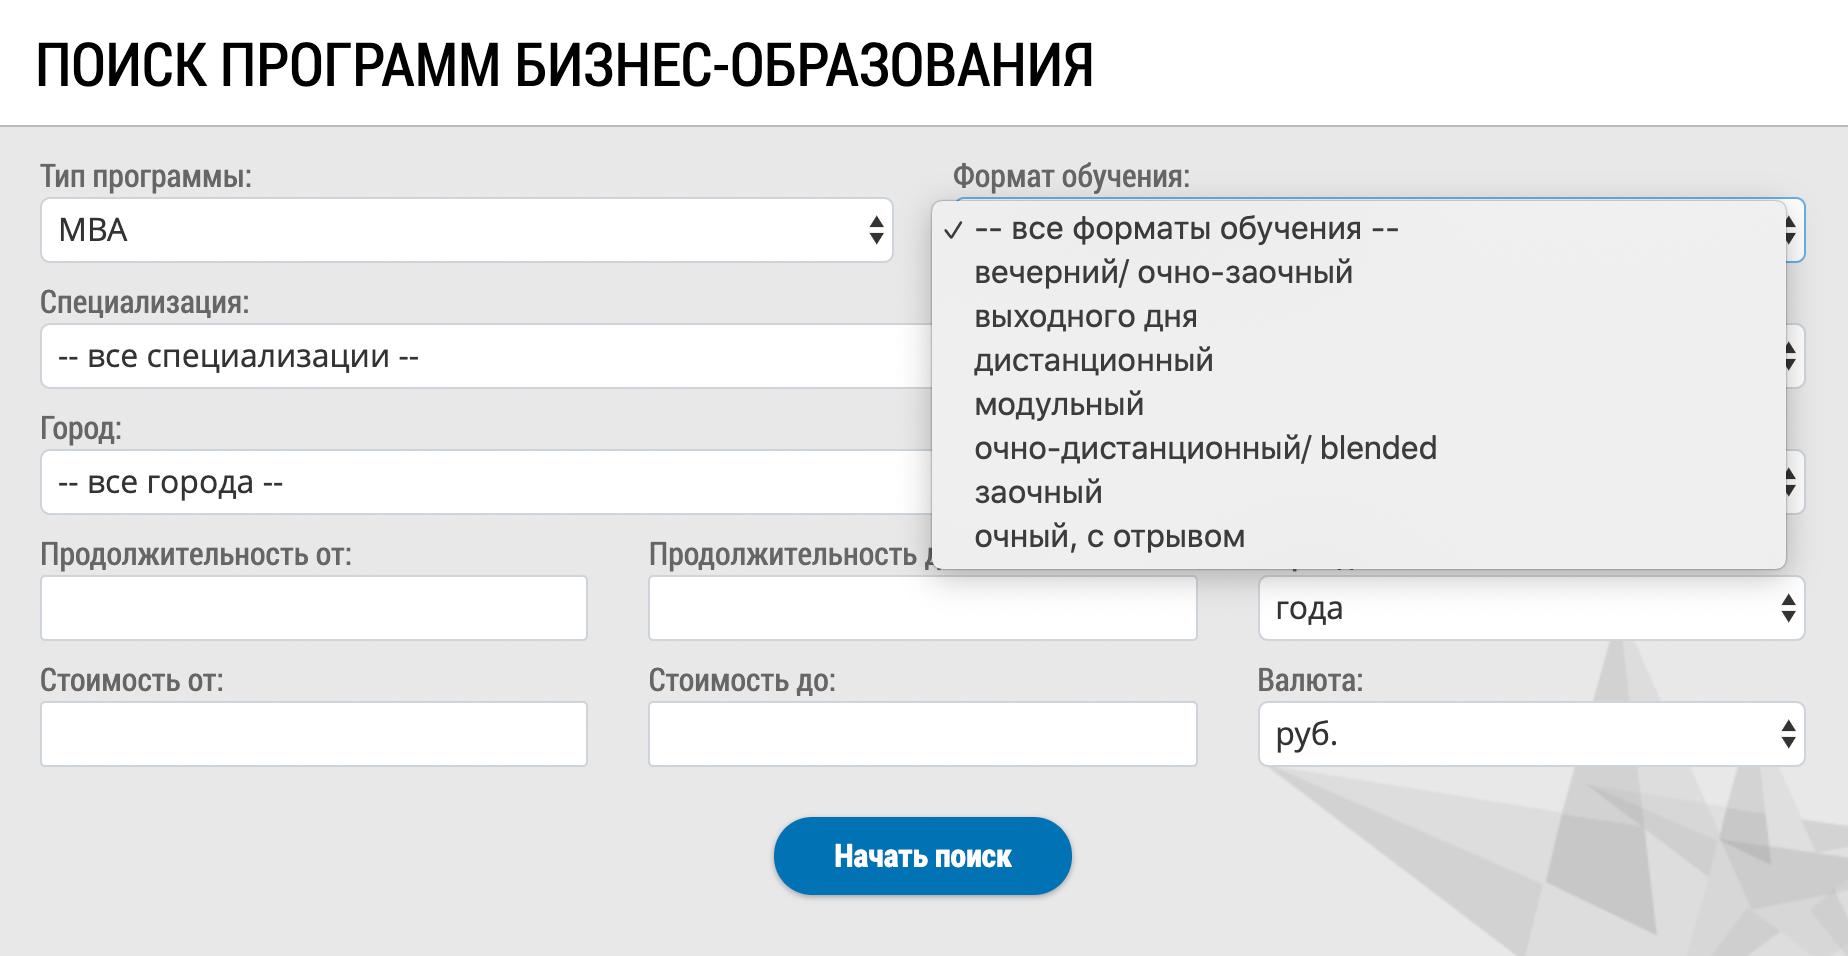 В поиске программ на портале «MBA в Москве и России» можно указать форму обучения, и портал подберет программы и школы в России